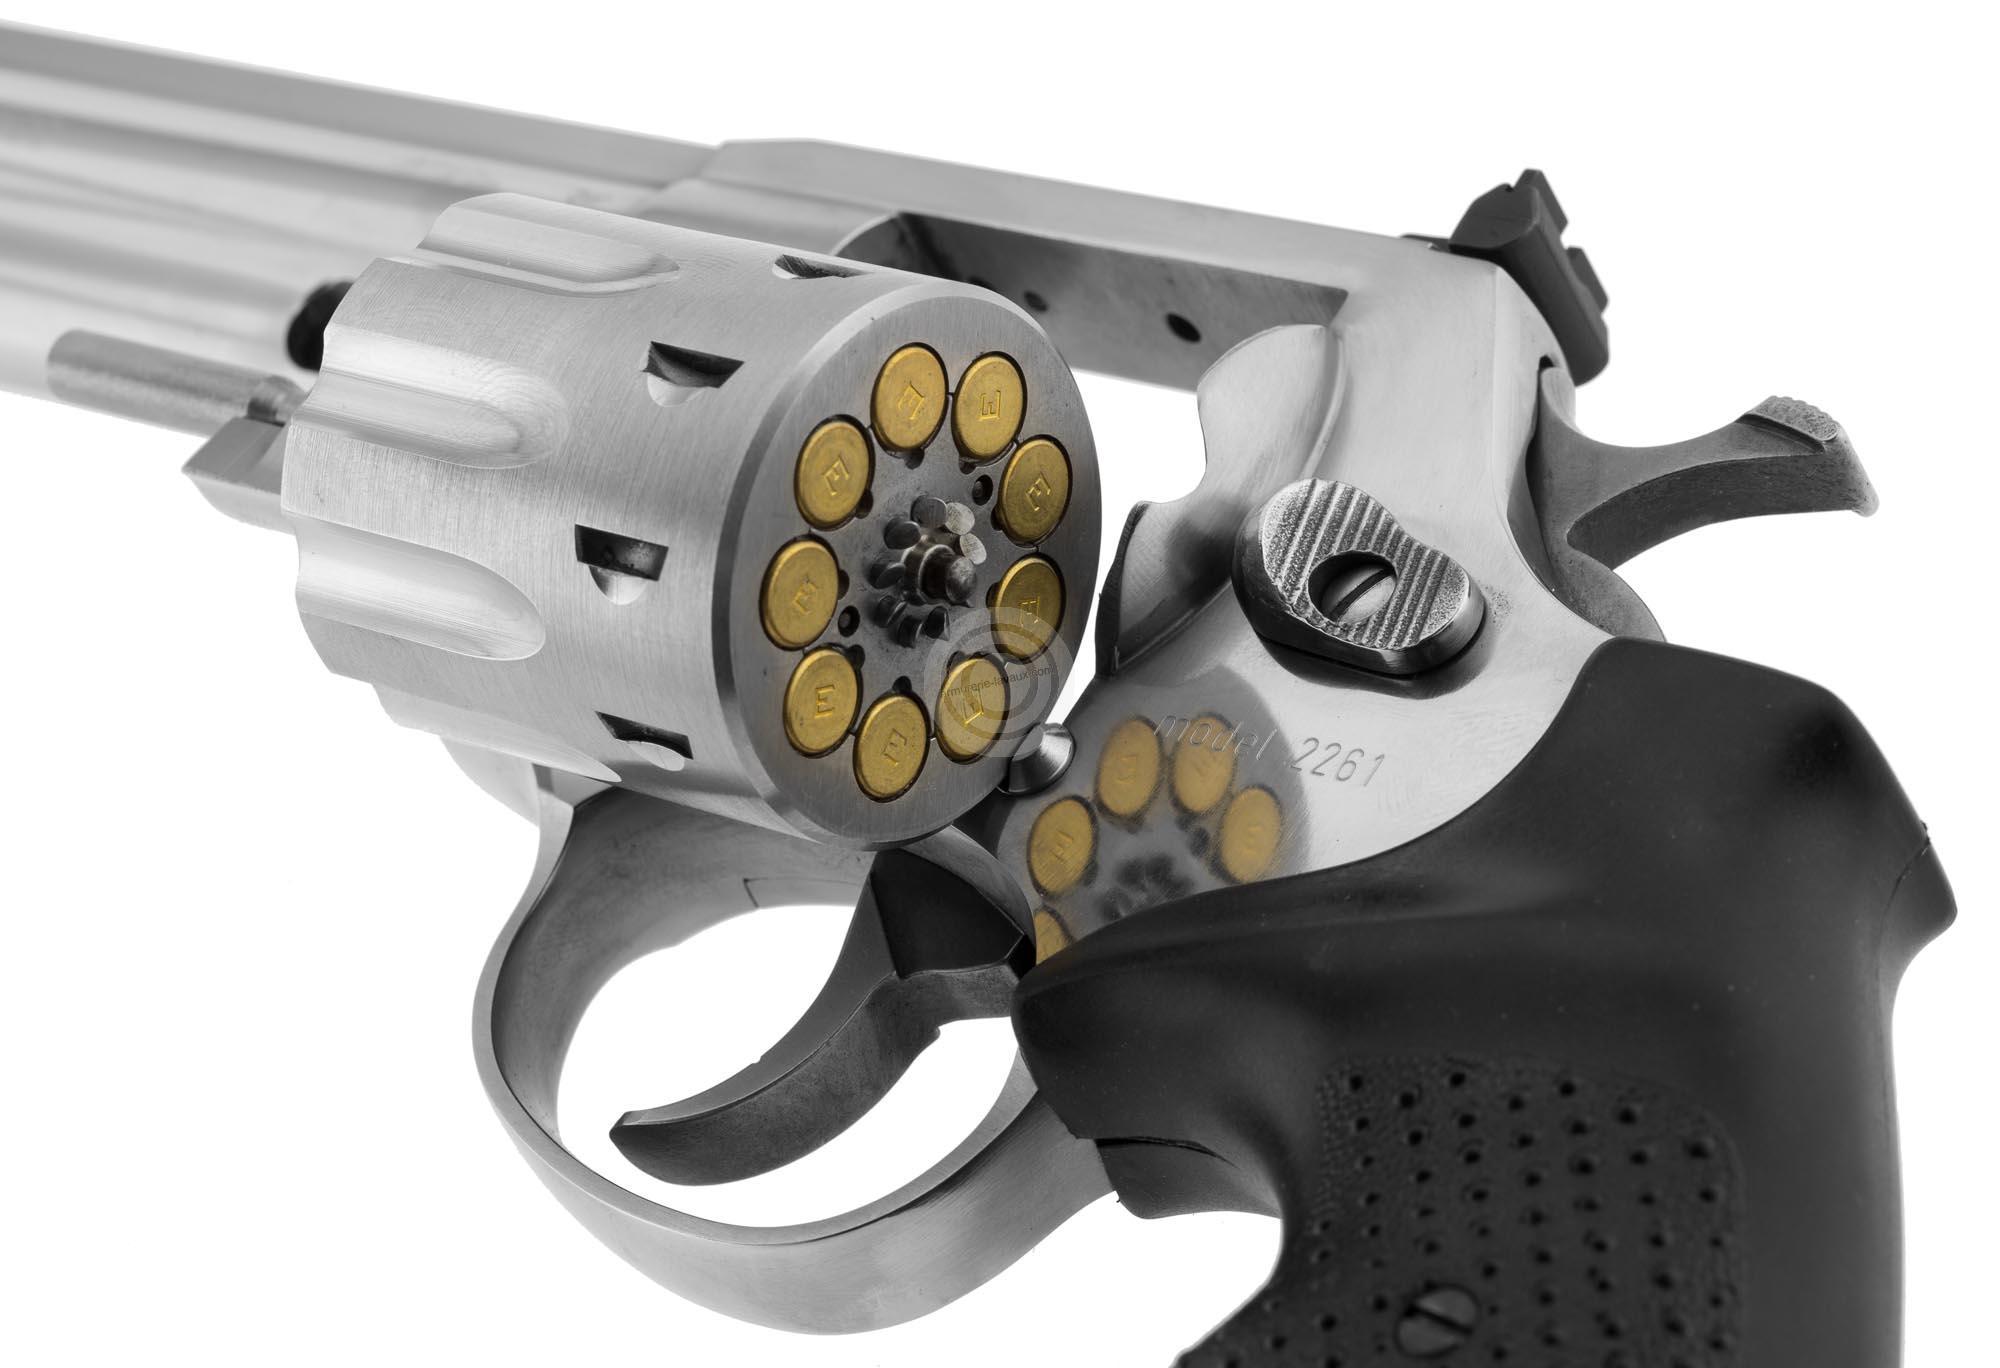 revolver alfa proj lrp target inox 6 u0026quot  cal 22 lr